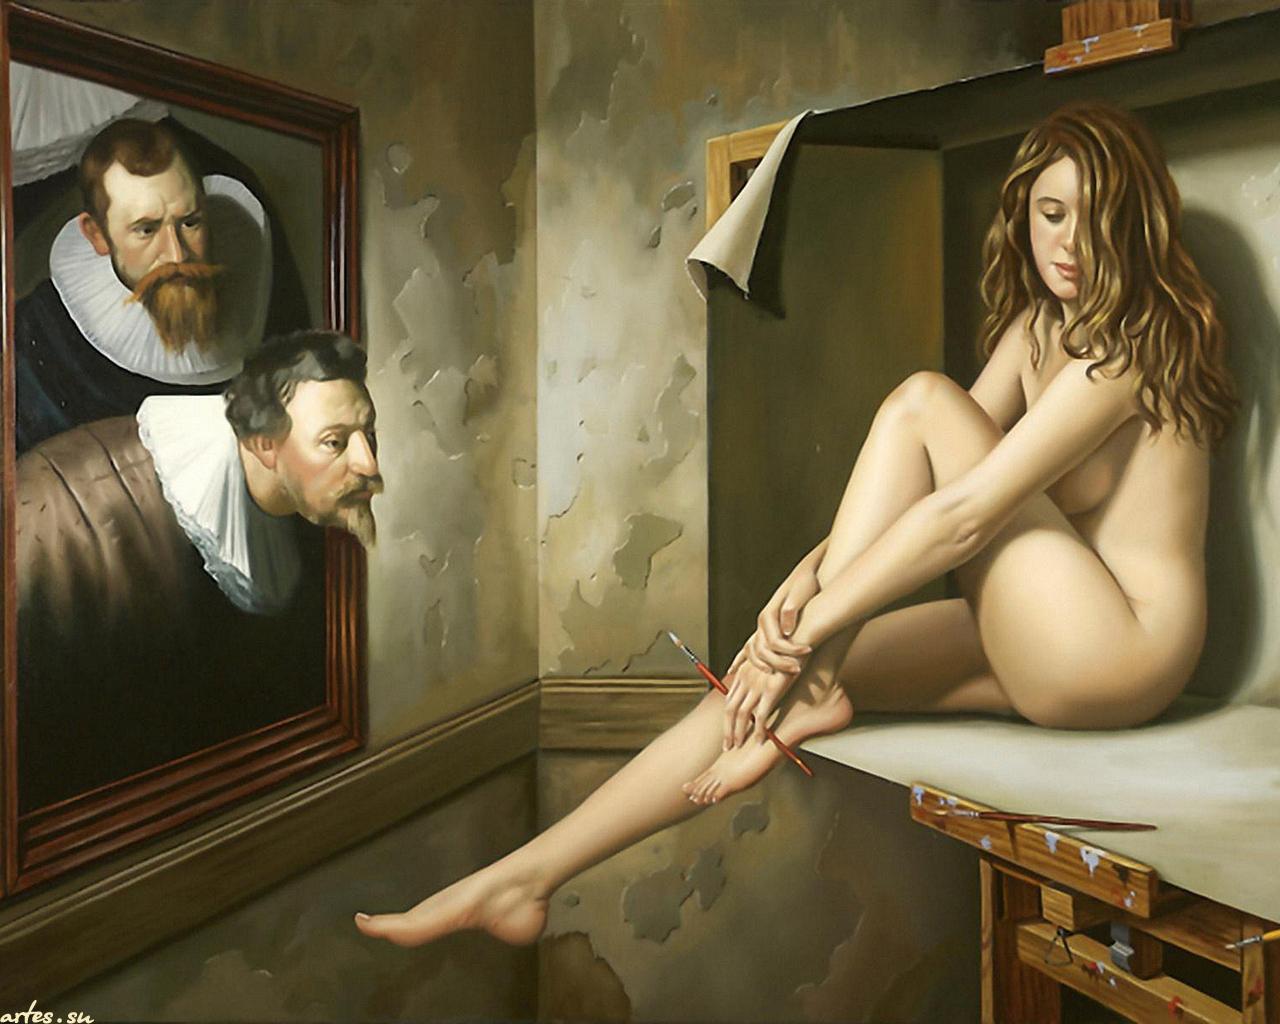 Художница рисует голого мужика, Дочь художница рисует с натуры папин член, сосёт его 17 фотография